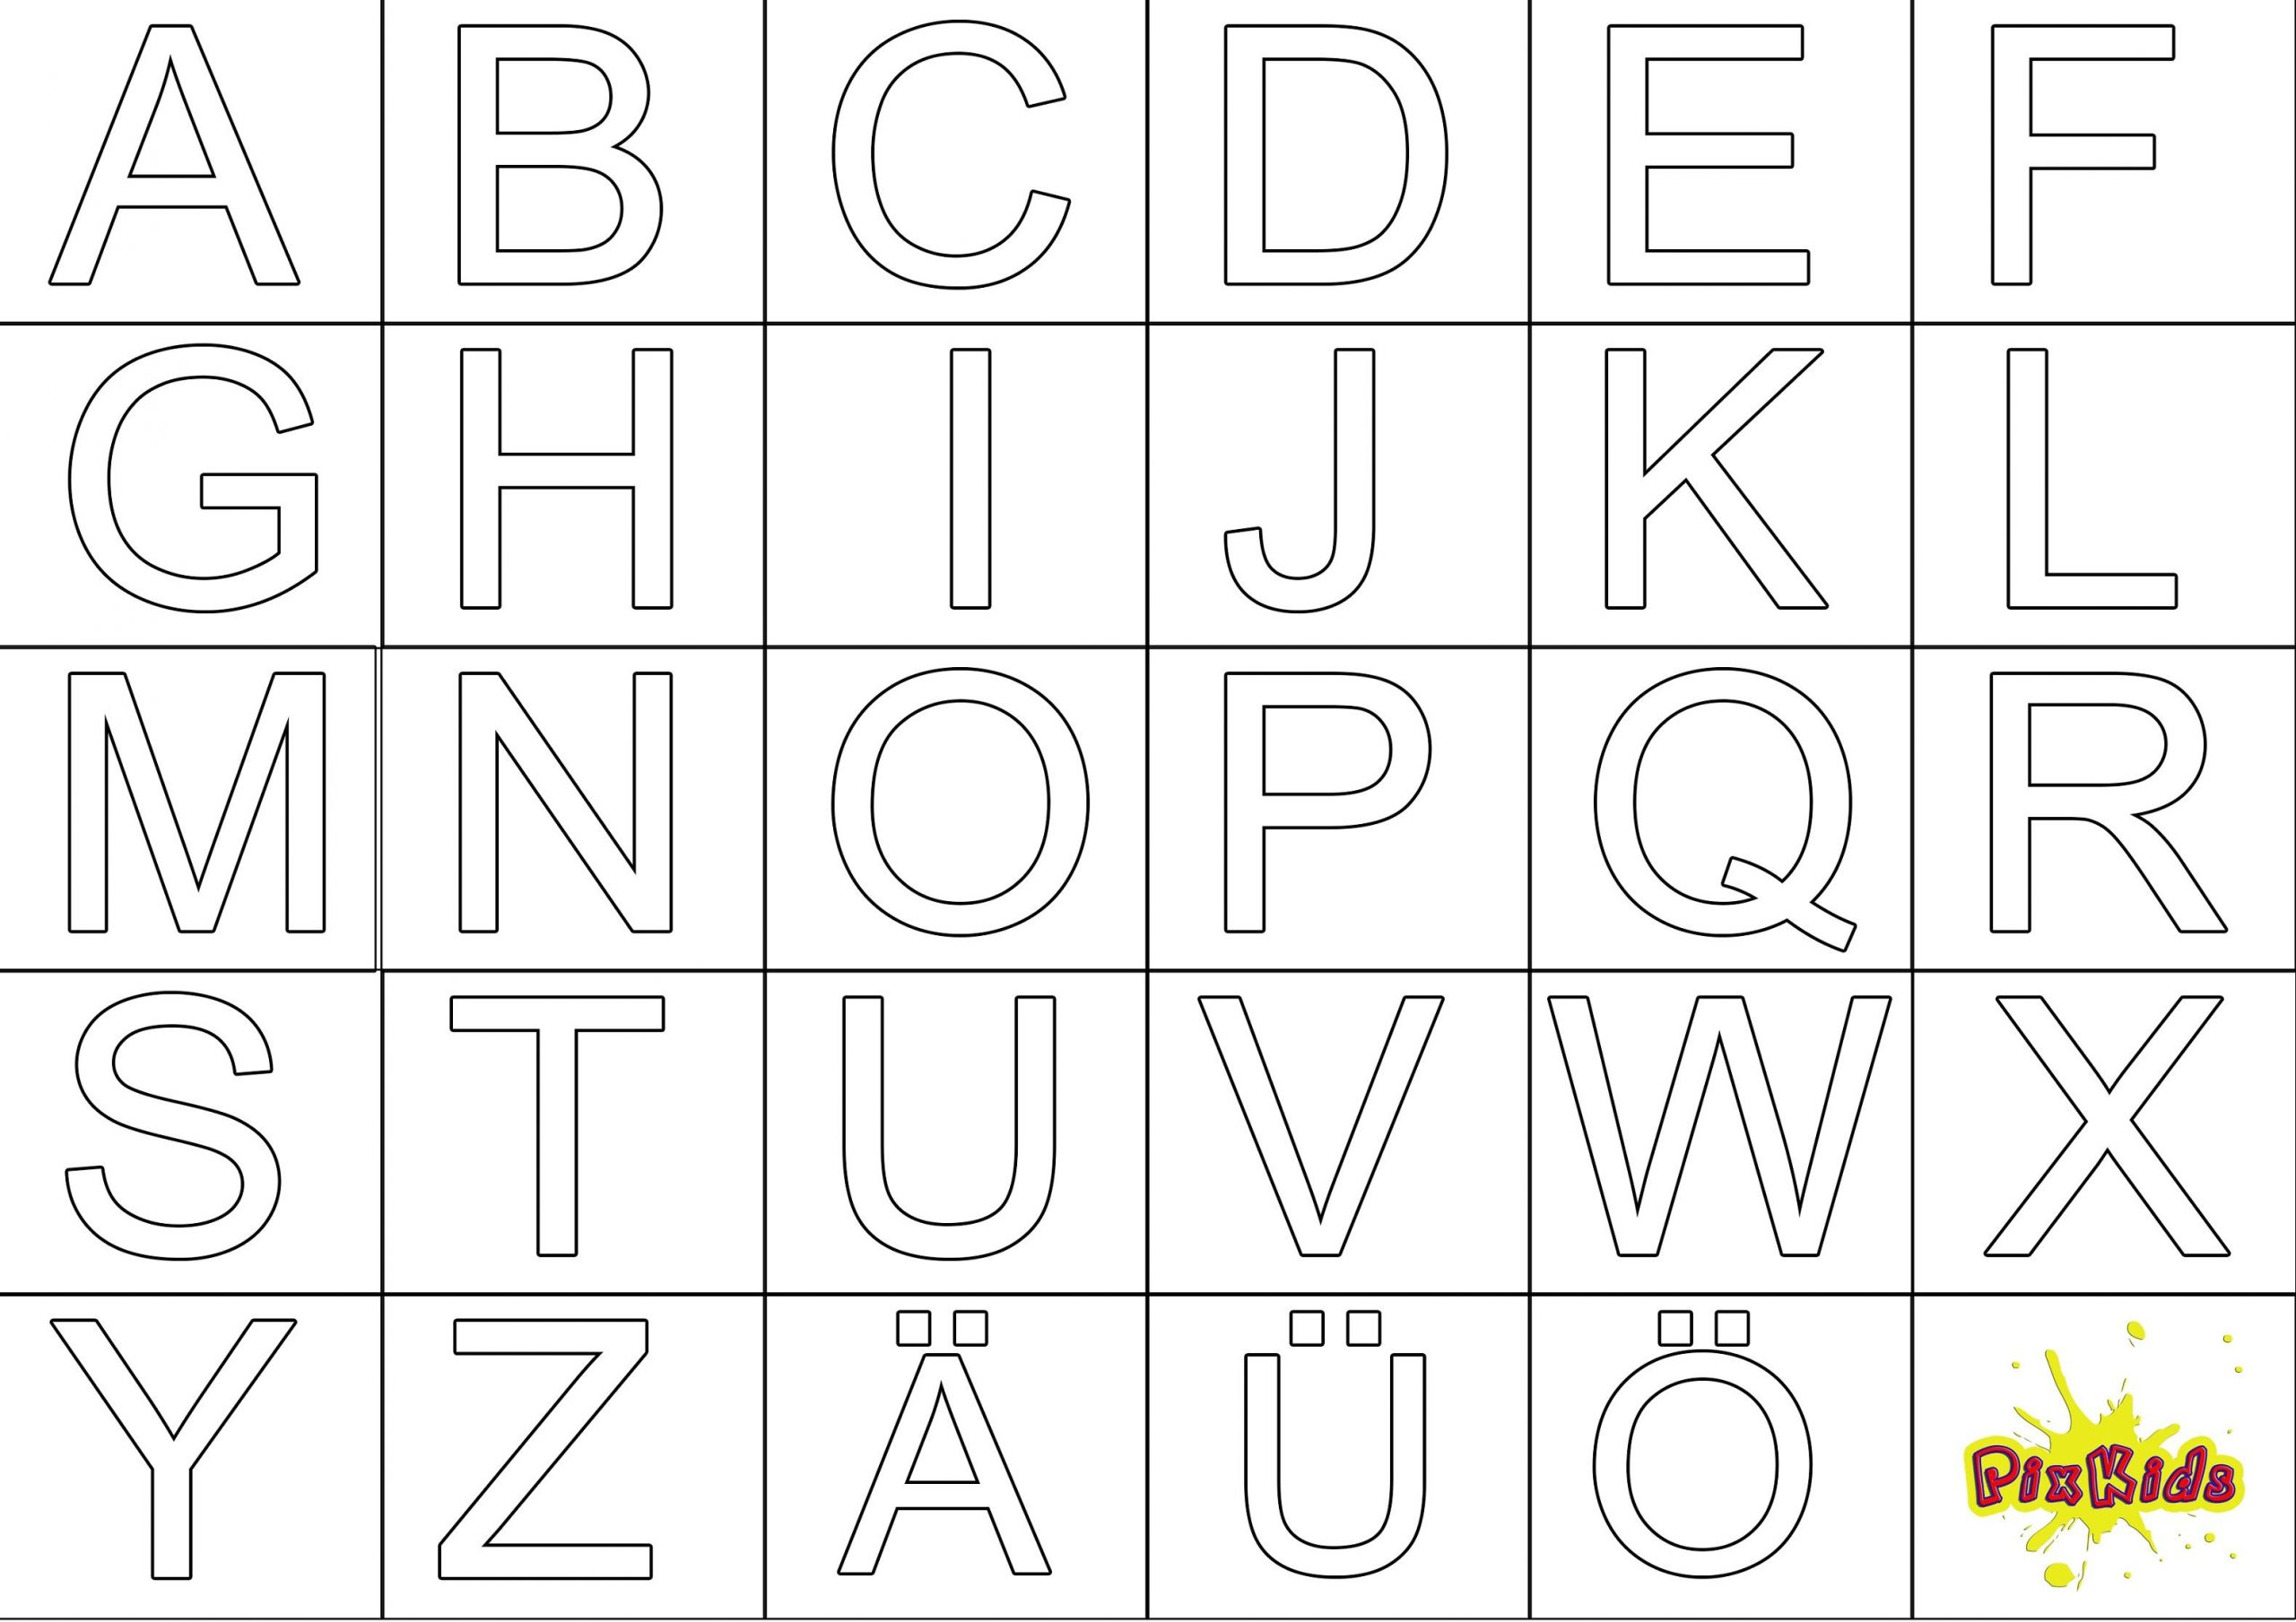 Ausmalbild Abc | Buchstaben Vorlagen Zum Ausdrucken verwandt mit Buchstaben Zum Ausdrucken